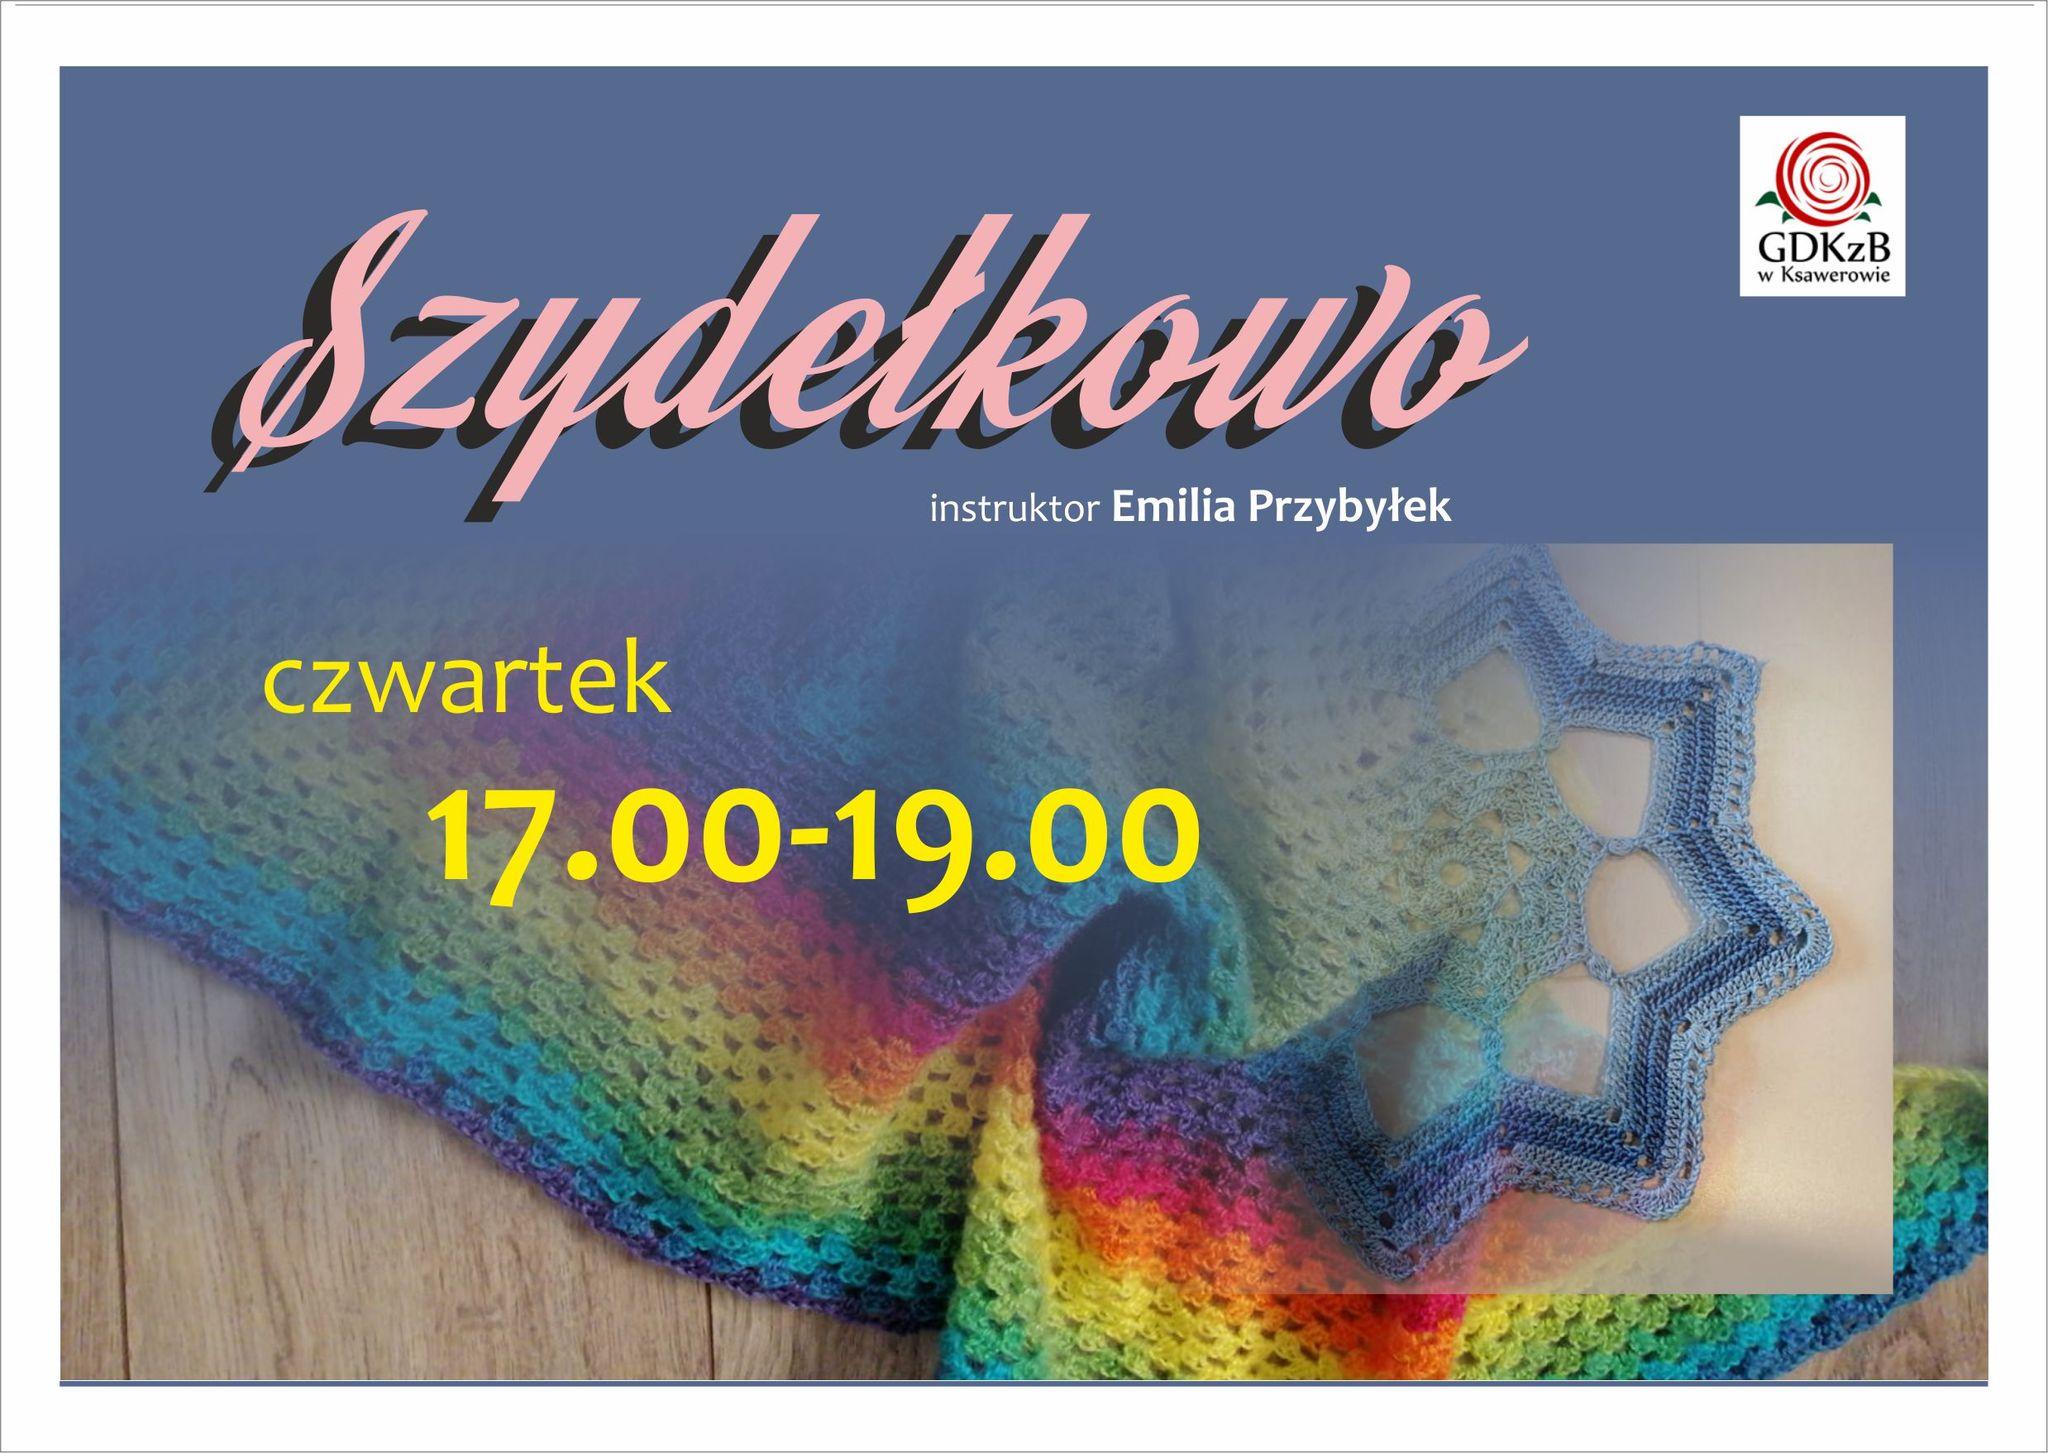 instruktor Emilia Przybyłek , czwartek 17:00 - 19:00